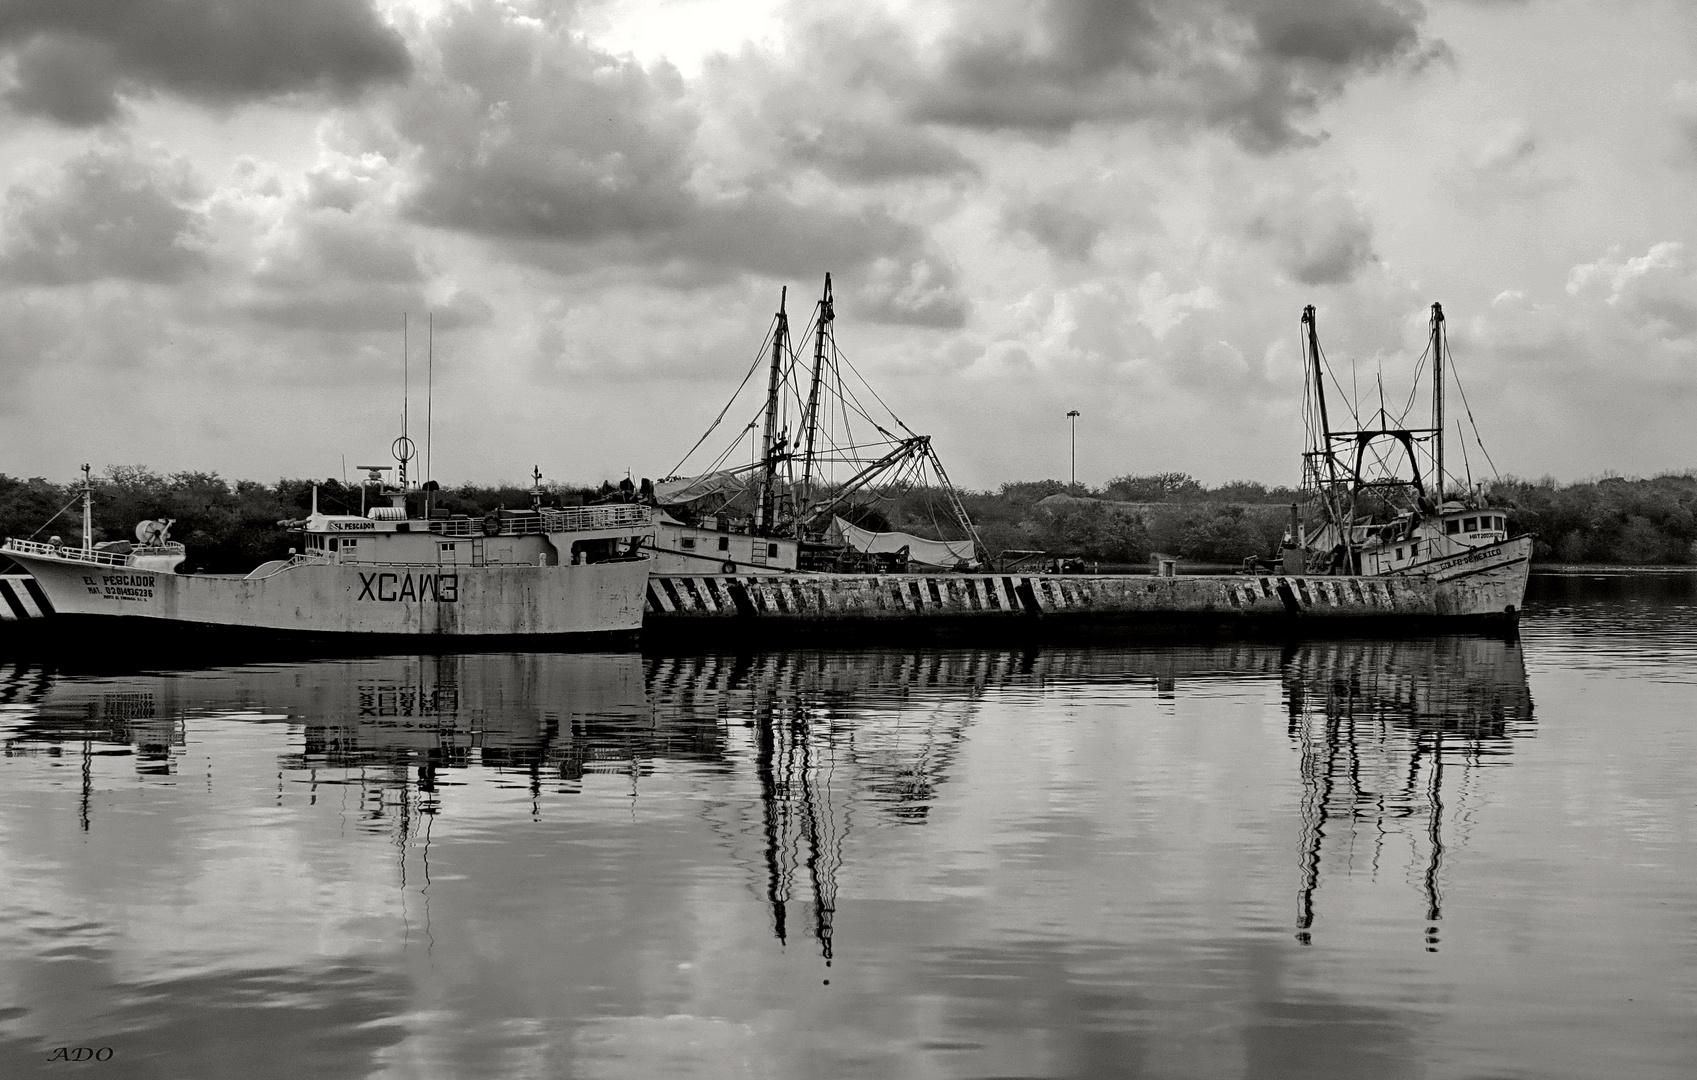 The Big Fishing Trawlers